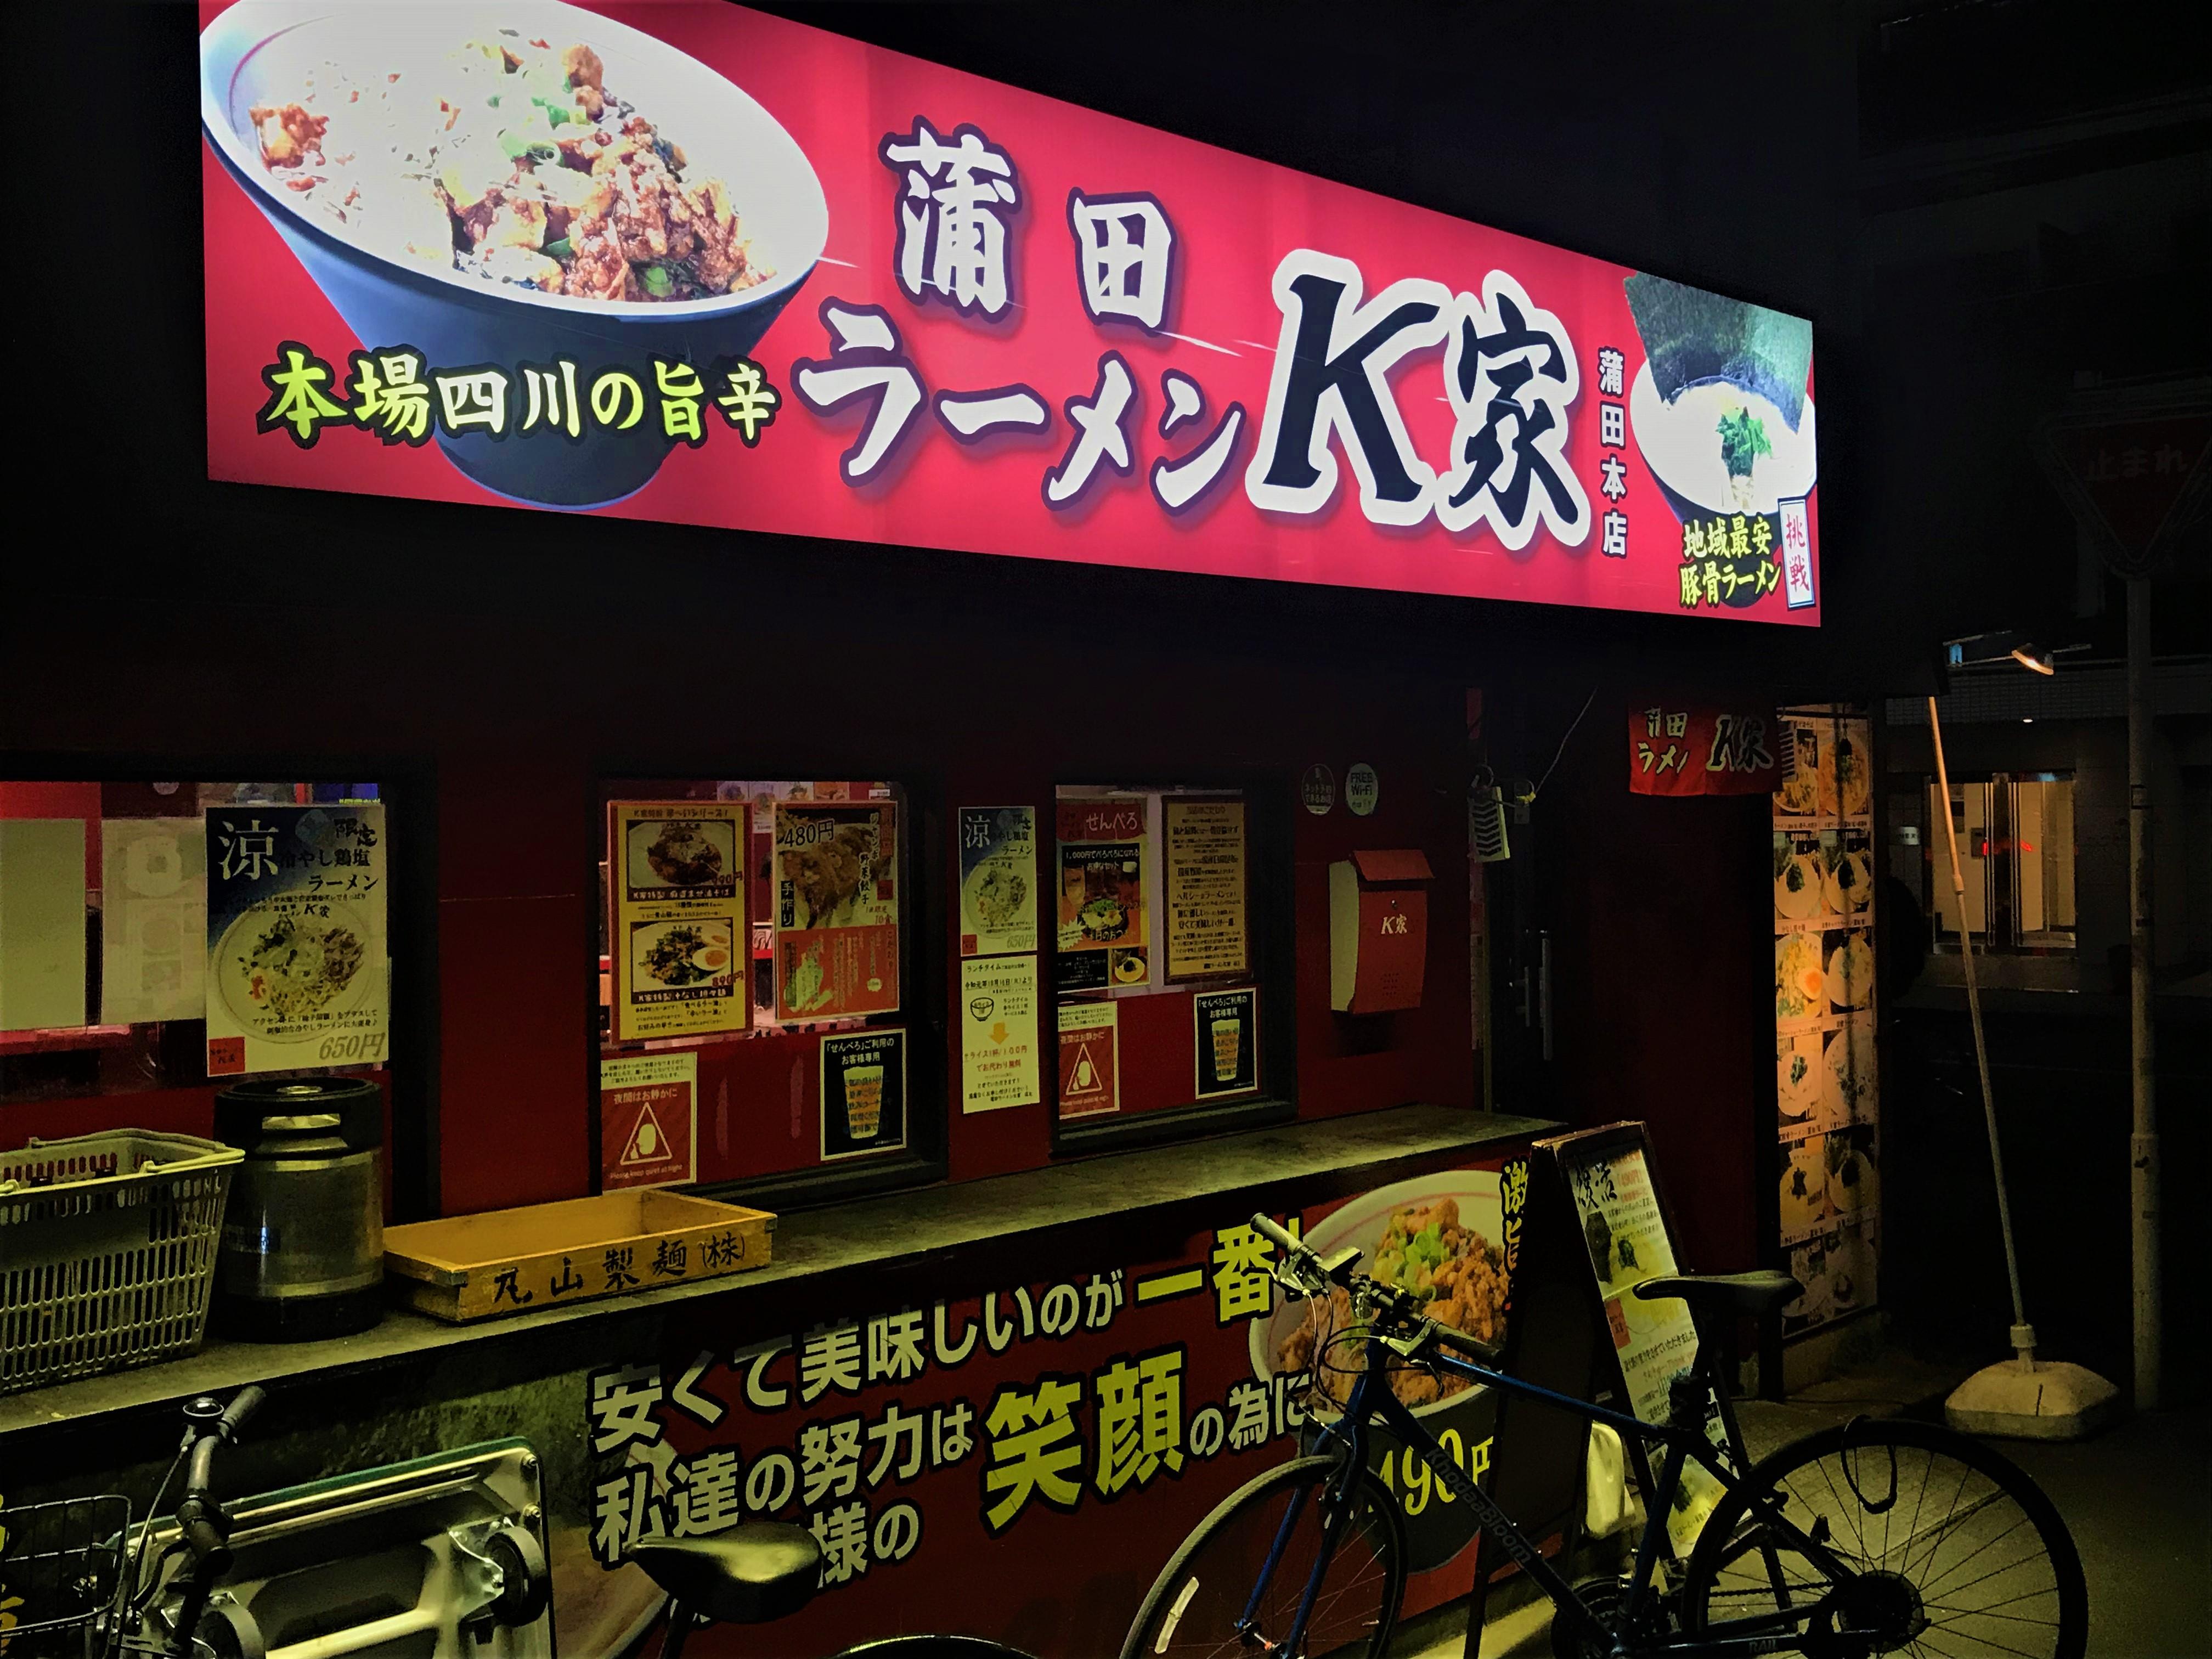 蒲田ラーメンK家 蒲田本店